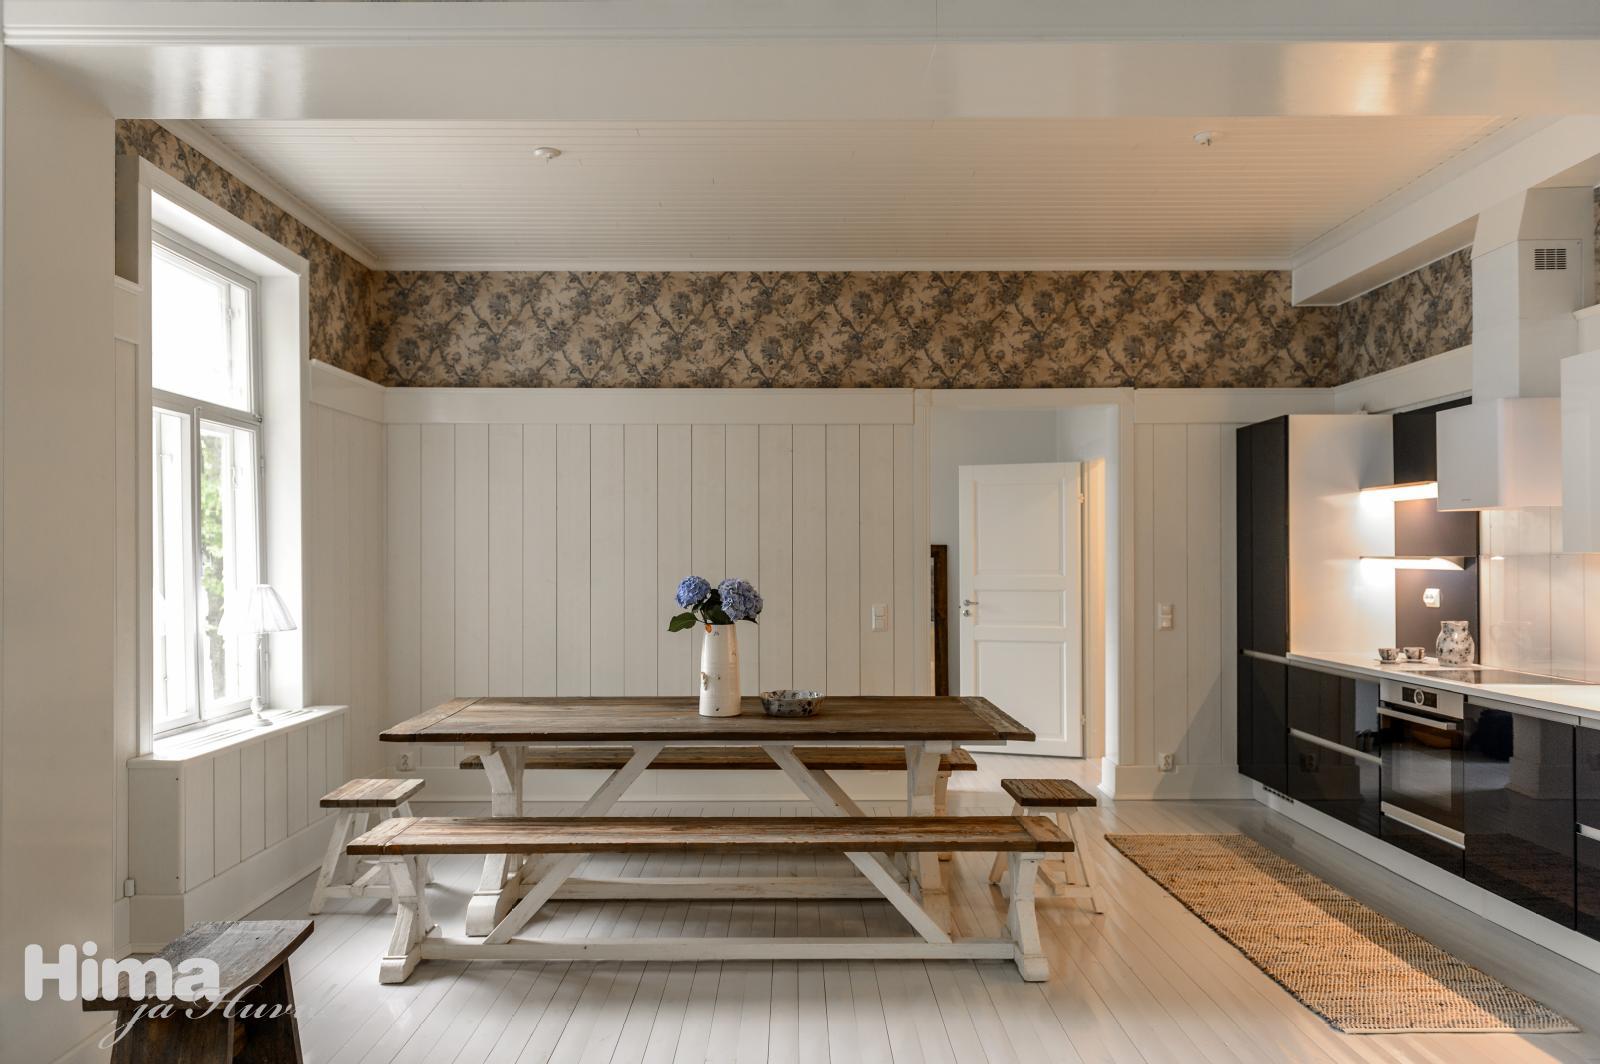 Puutalon kaunis keittiö lautalattioineen  Etuovi com Ideat & vinkit